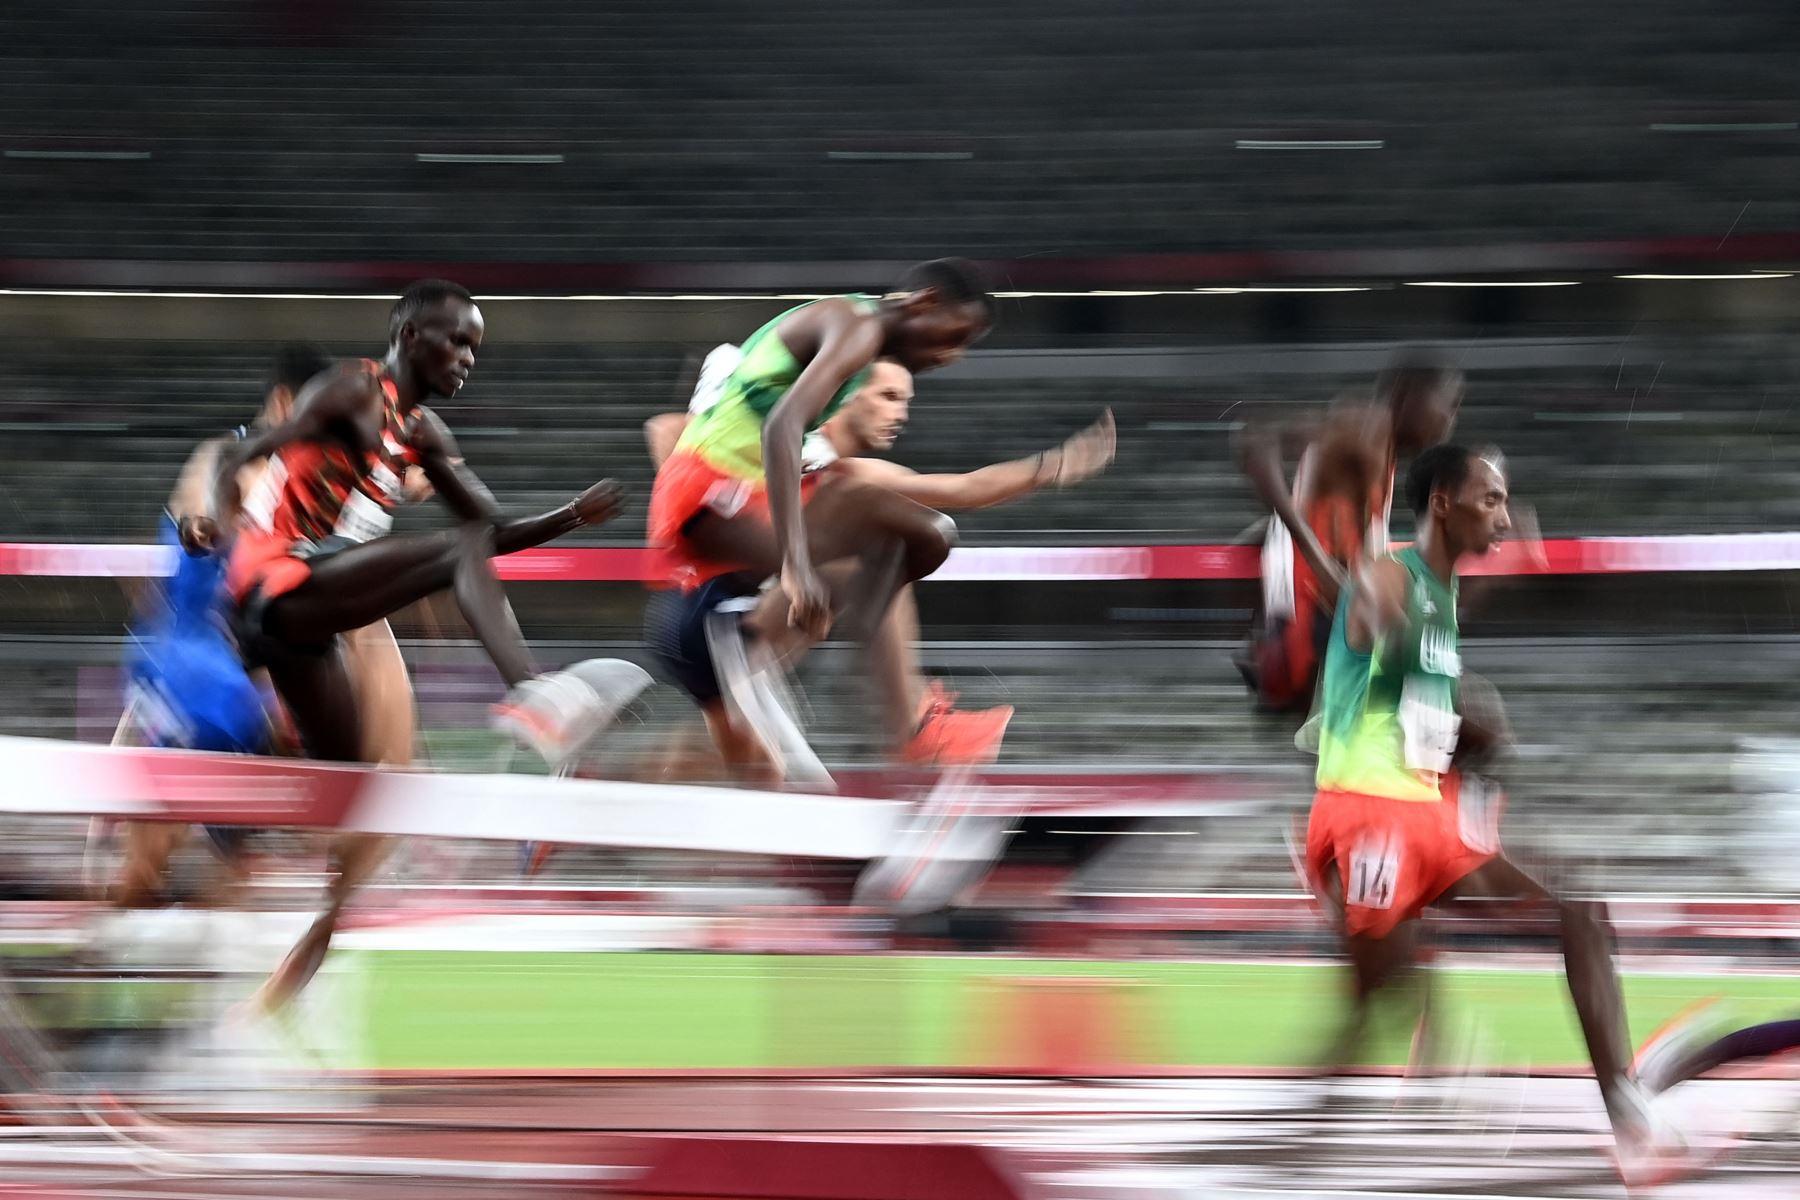 Los atletas compiten en la final masculina de carrera de obstáculos de 3000 m durante los Juegos Olímpicos de Tokio 2020 en el Estadio Olímpico de Tokio. Foto: AFP